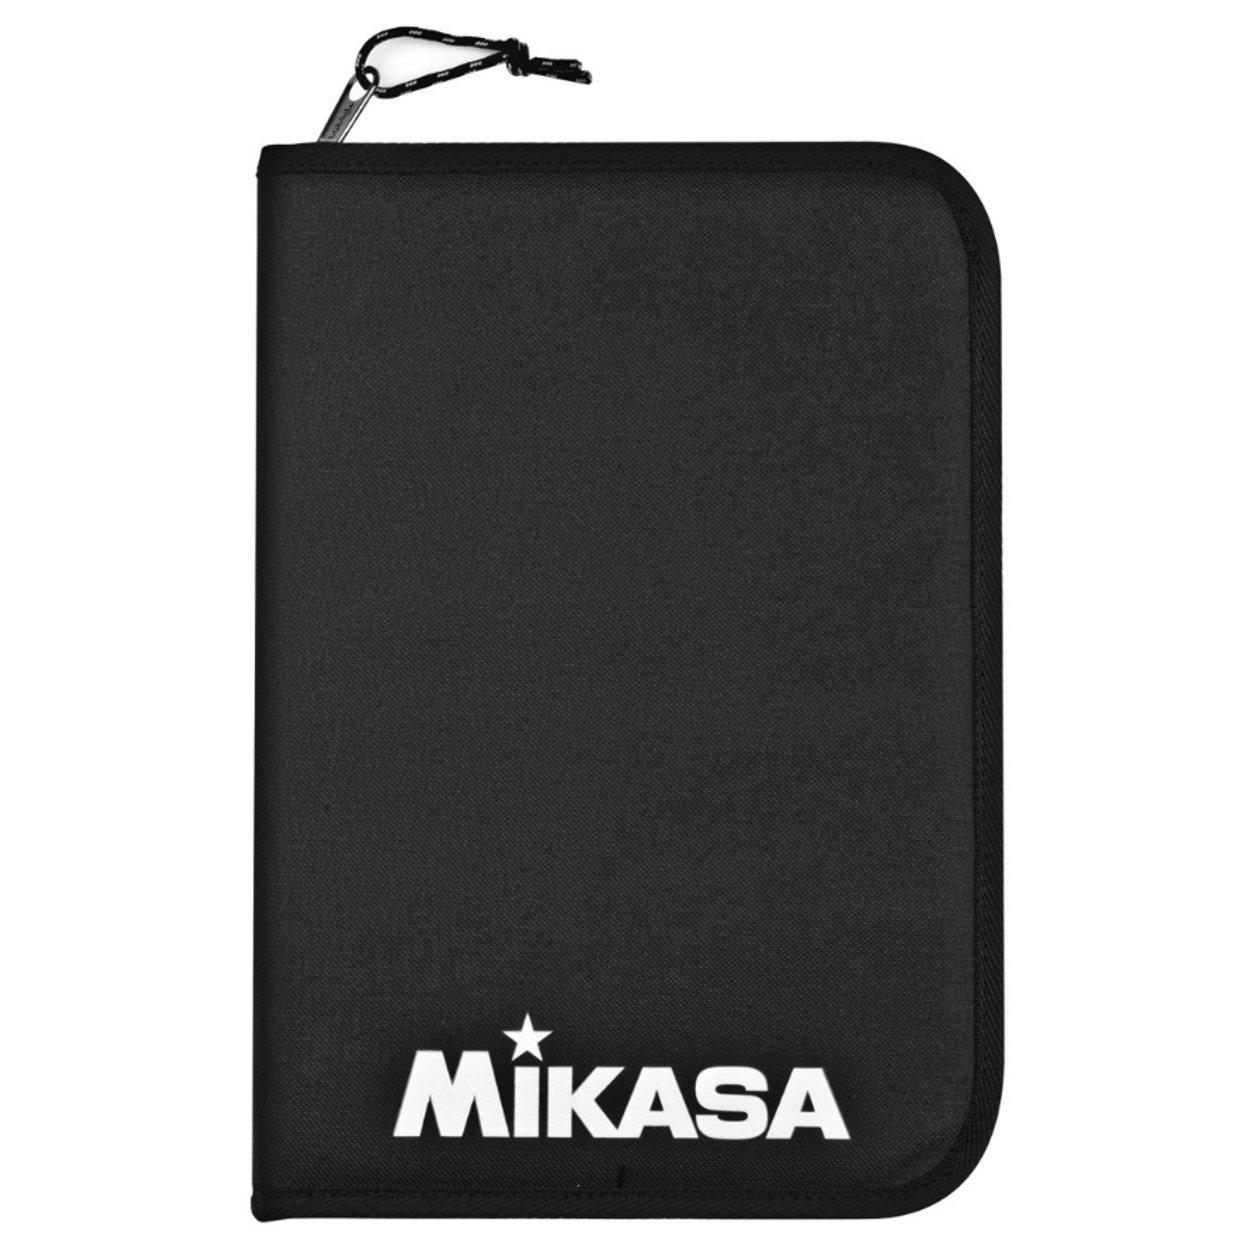 Mikasa SAPPORO FOLDER 049